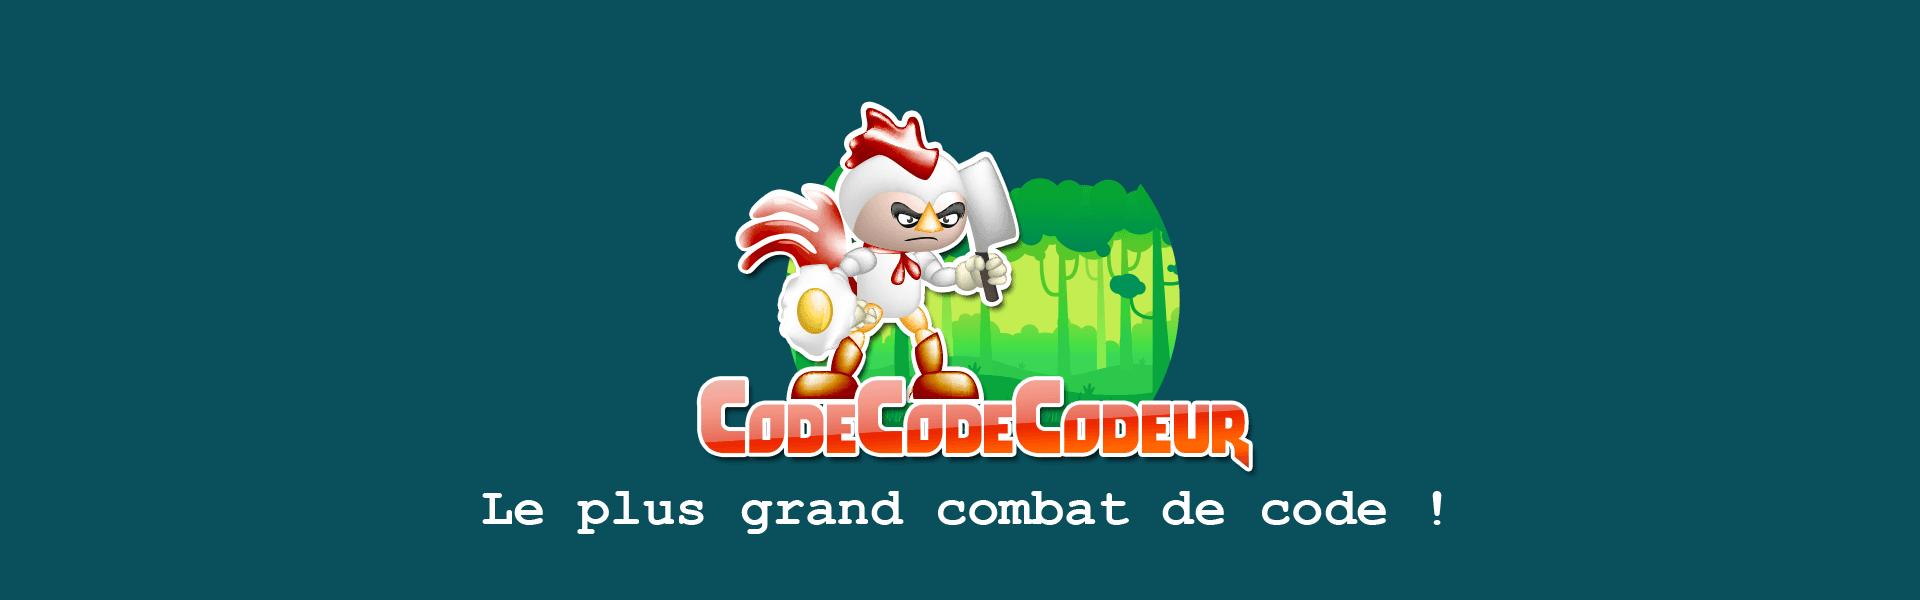 CodeCodeCodeur